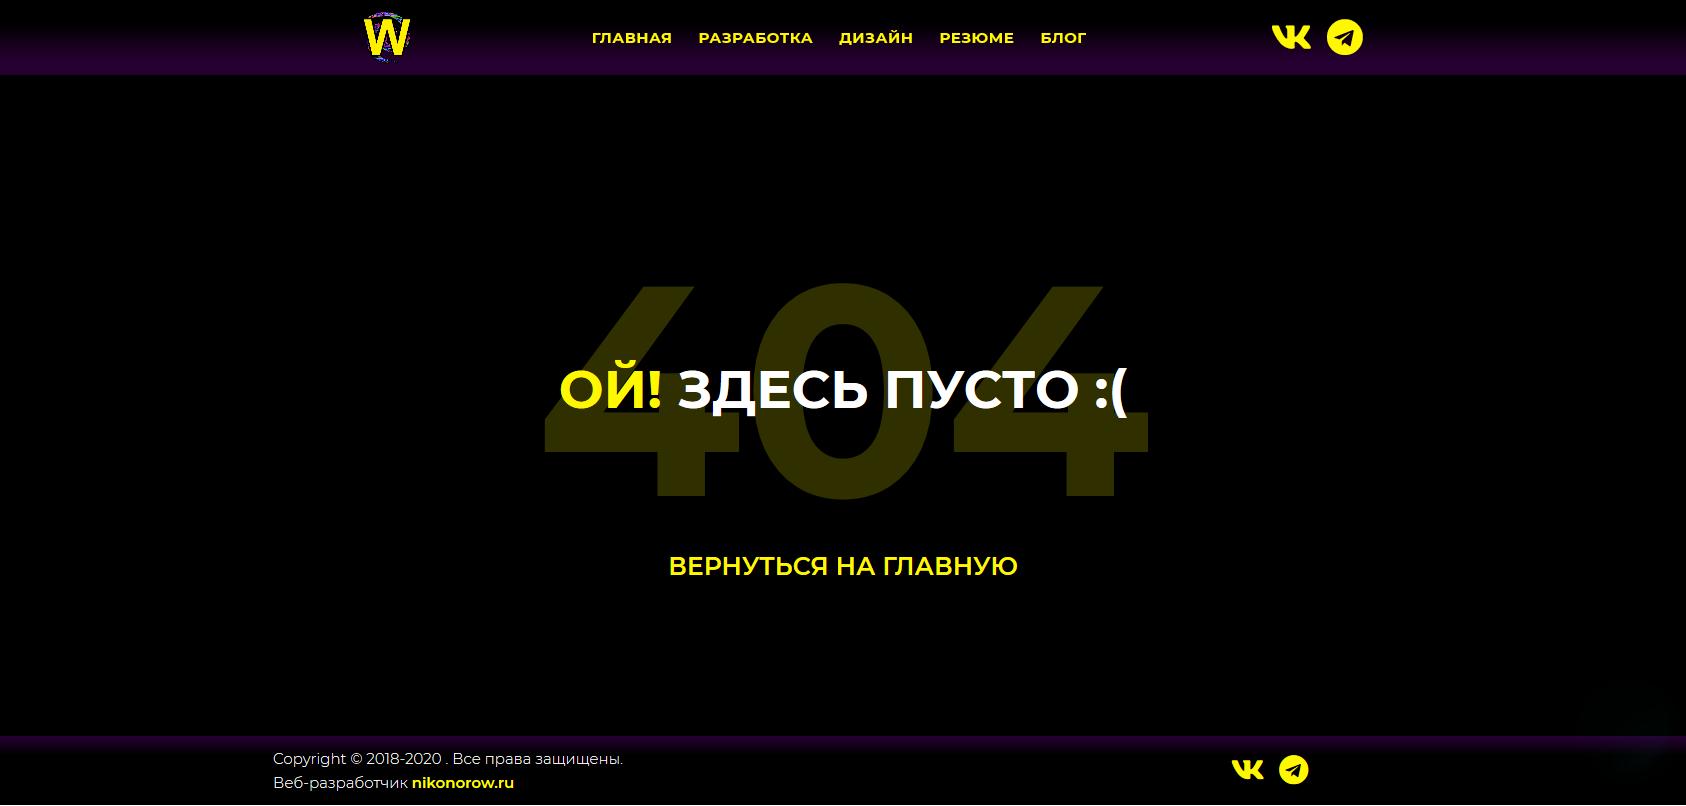 nikonorow.ru error page